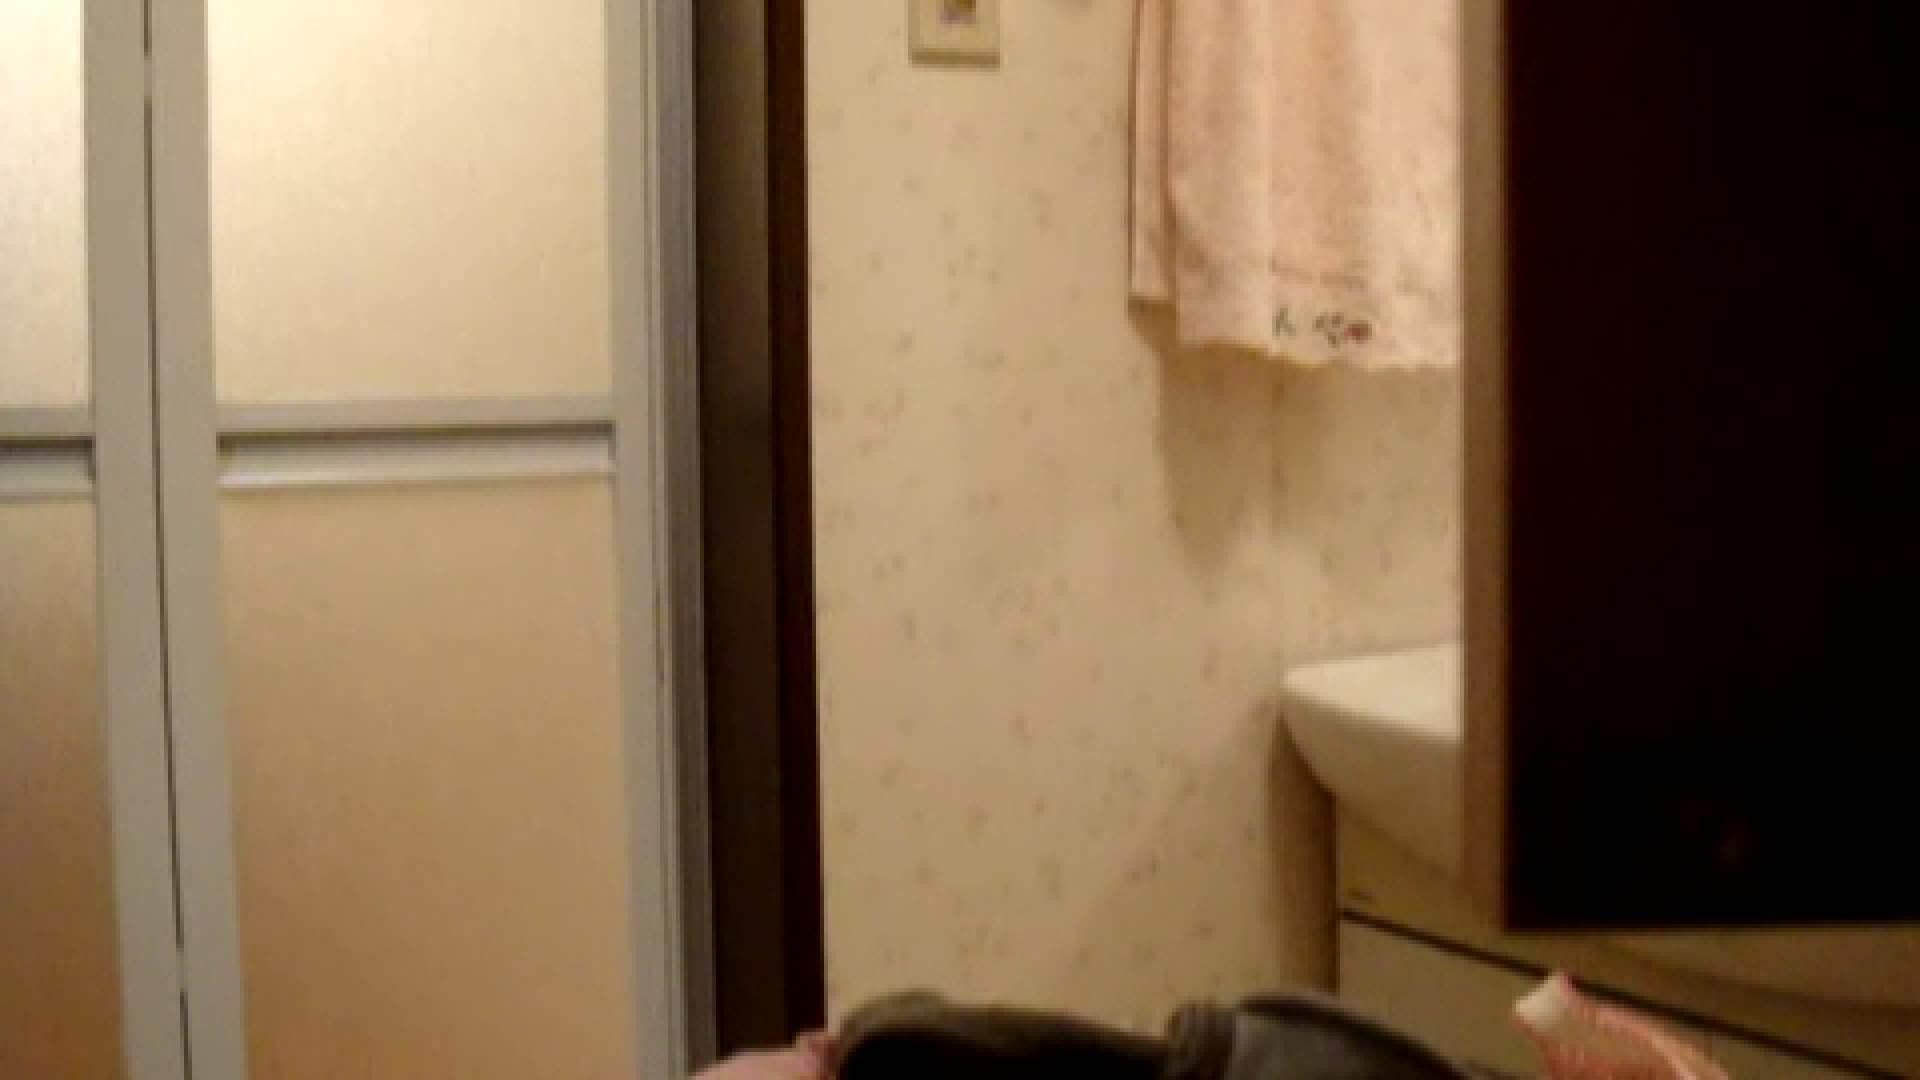 二人とも育てた甲斐がありました… vol.08 まどかの入浴中にカメラに気付いたか!? OLのエロ生活   ギャル入浴  71連発 43